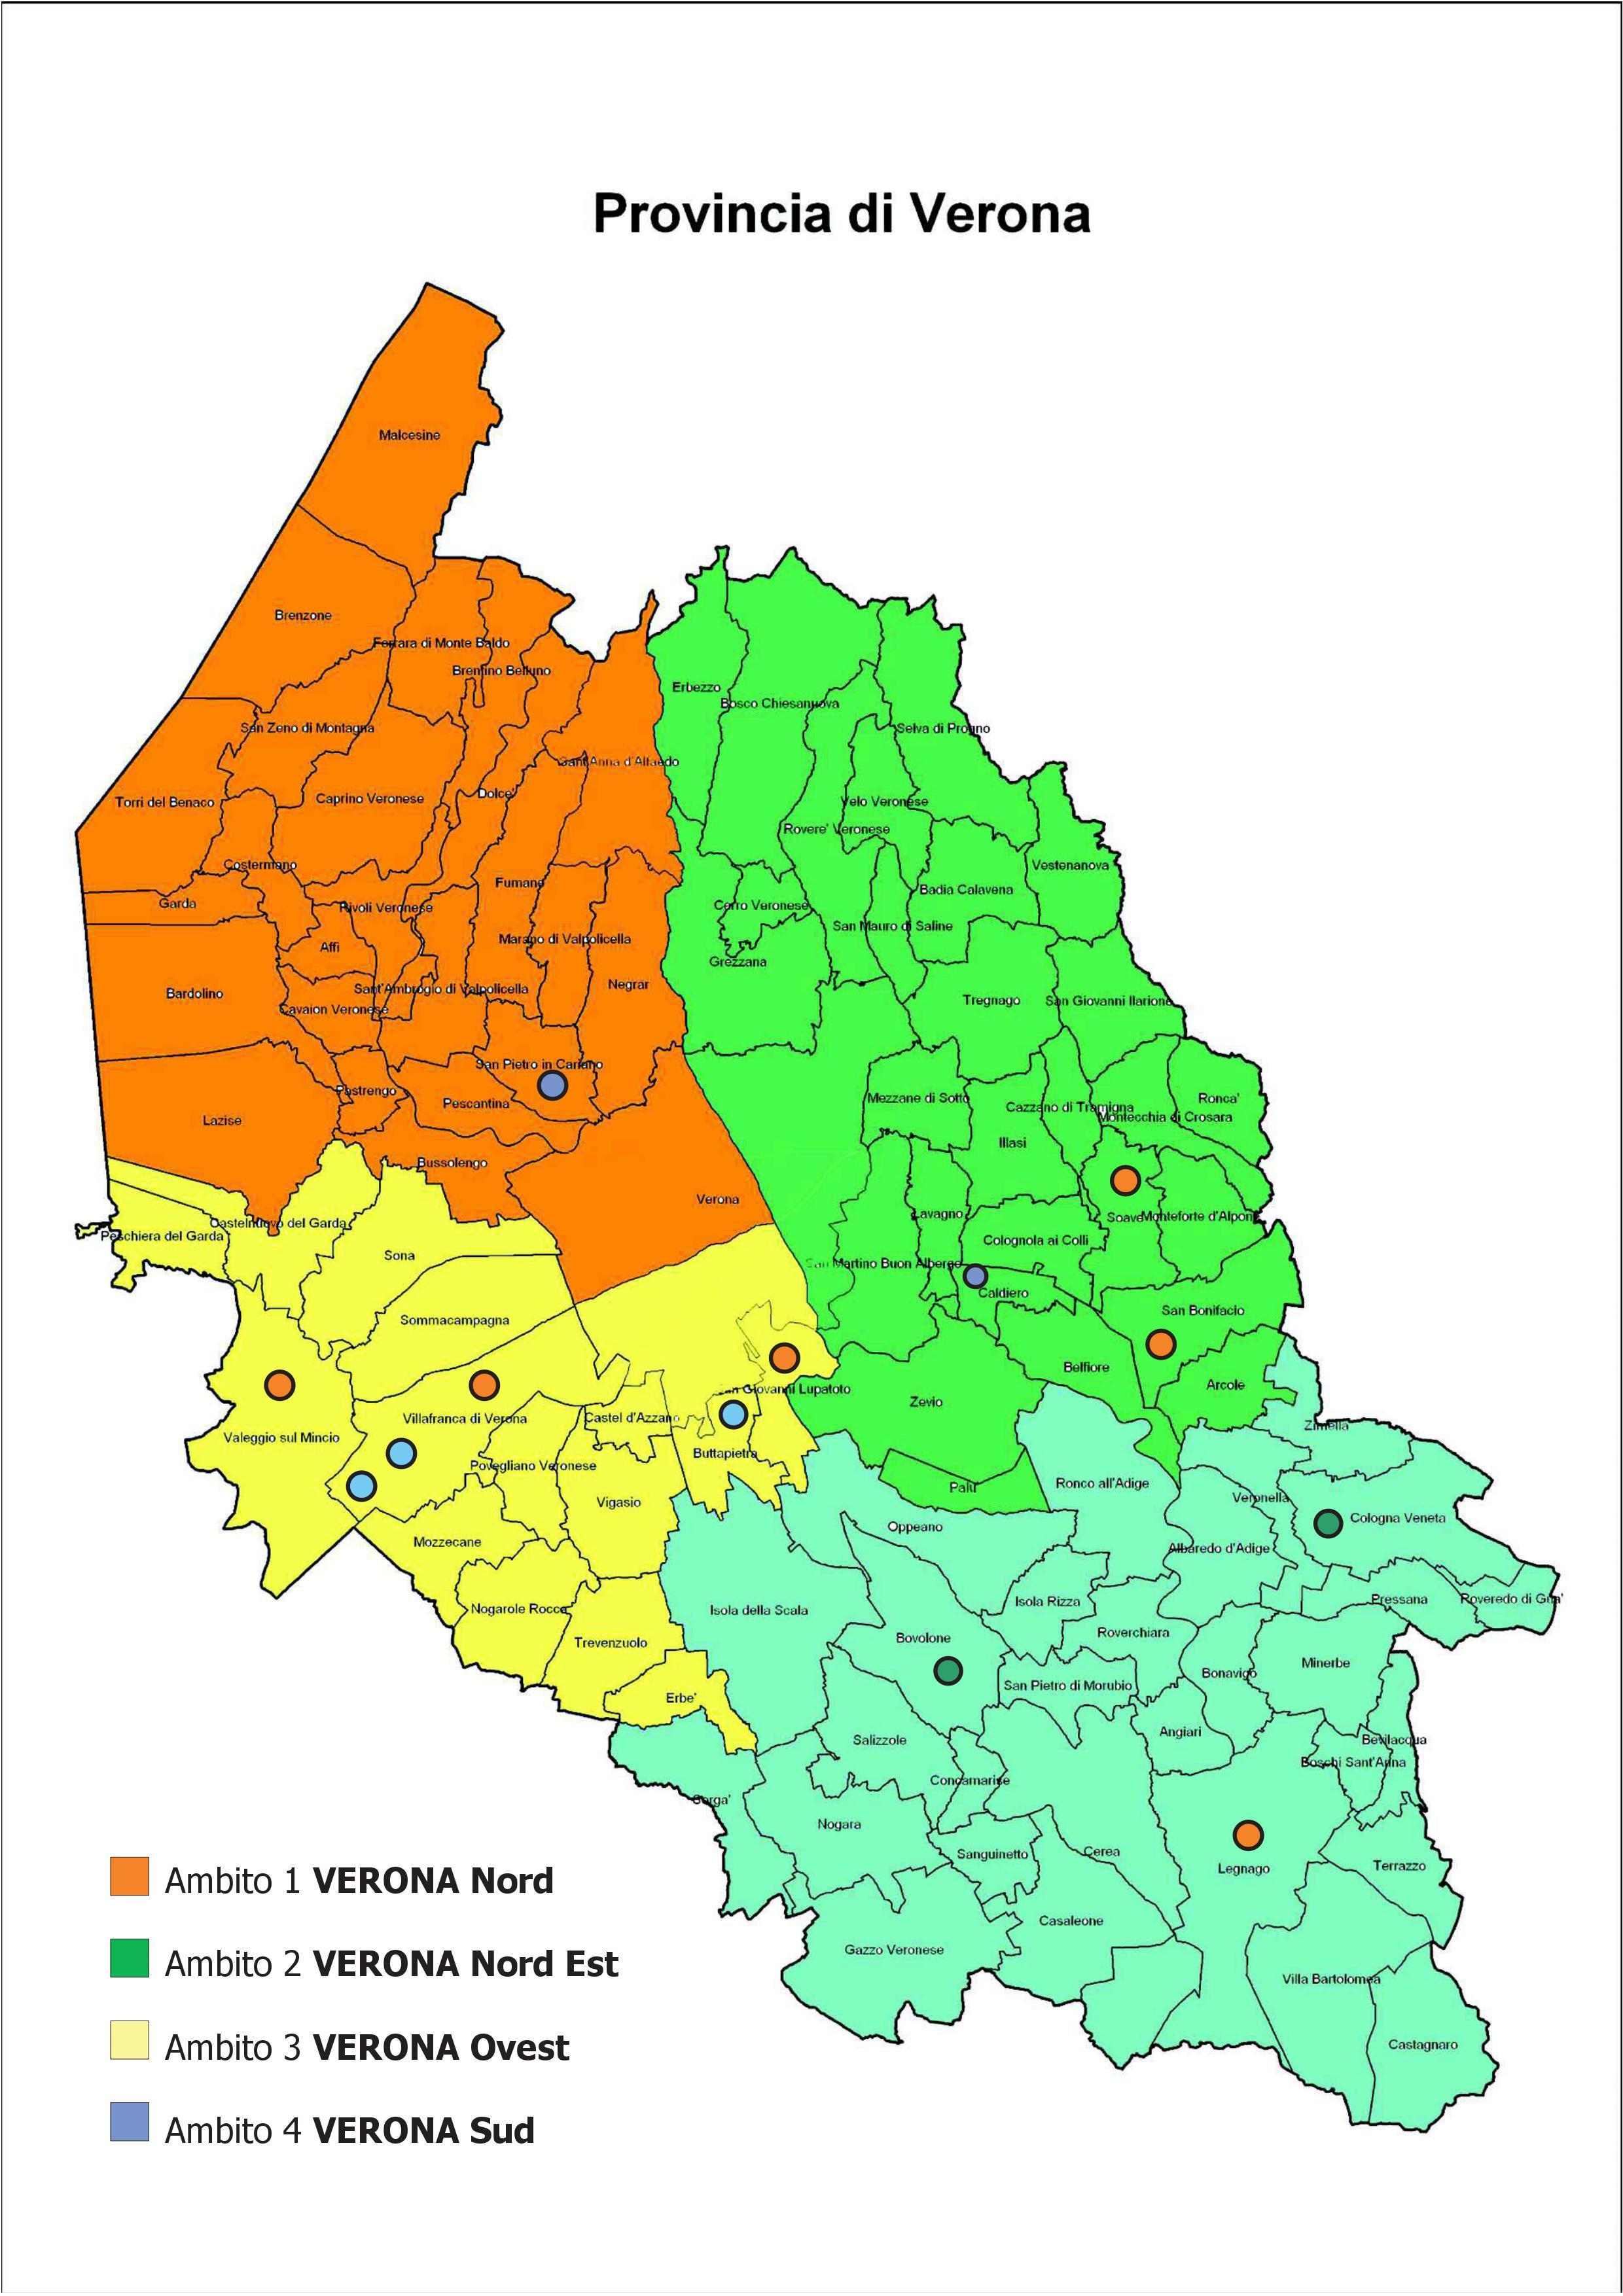 Ambiti Territoriali Della Provincia Di Verona